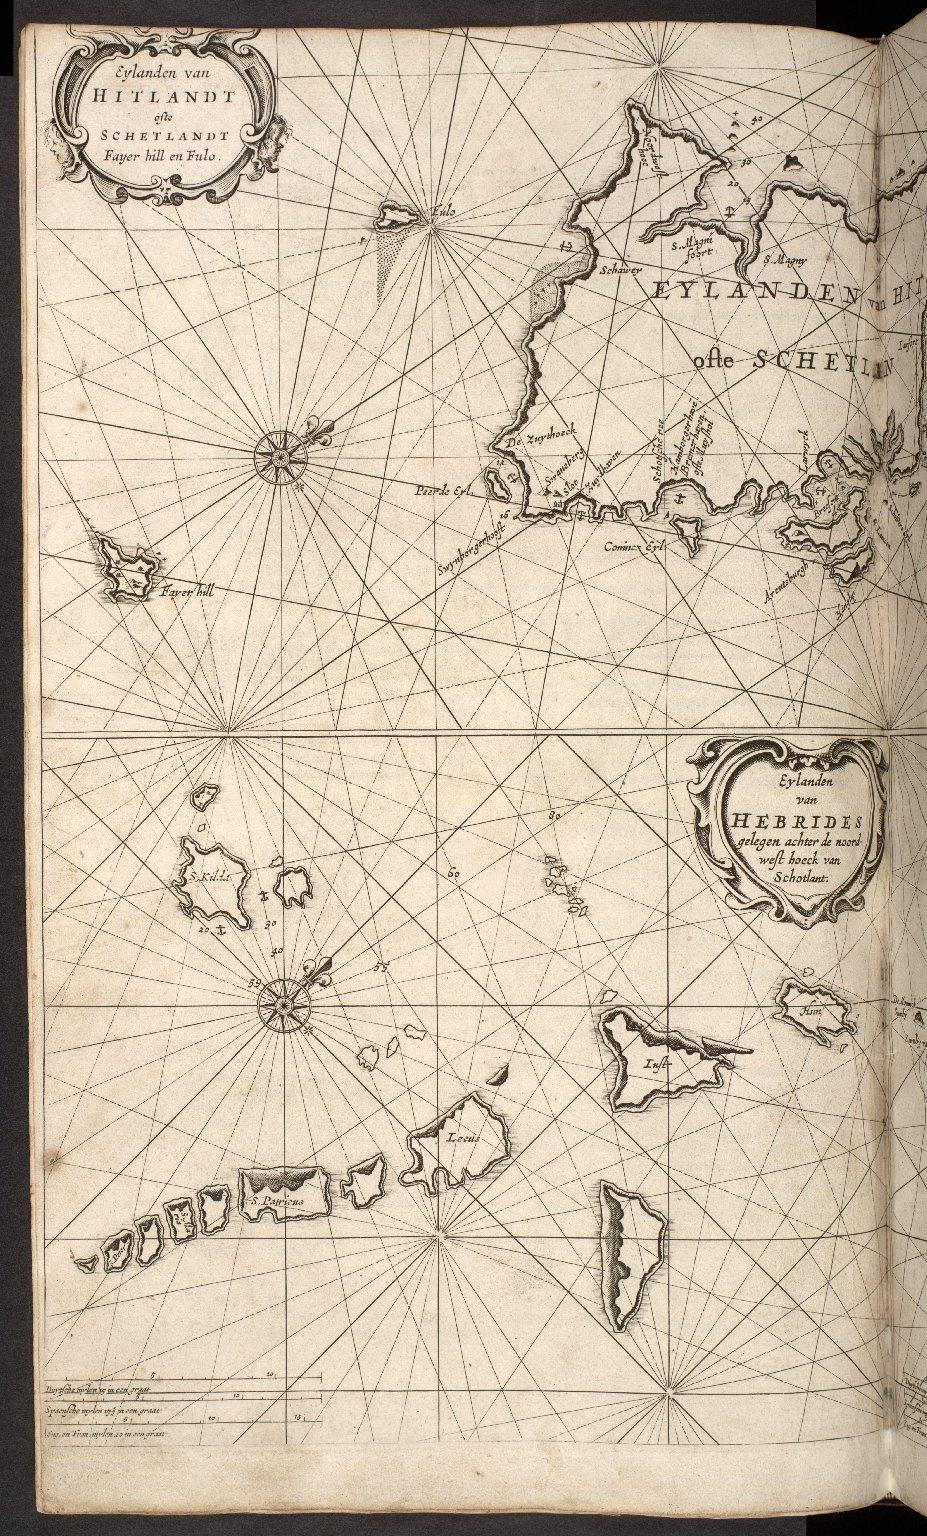 Eylanden van Fero oste Farre ; Eylanden van Hebrides gelegen achter de noord-west hoeck van Schotlant ; Eylanden van Hitlandt oste Schetlandt, Fayer hill, en Fulo. [1 of 2]